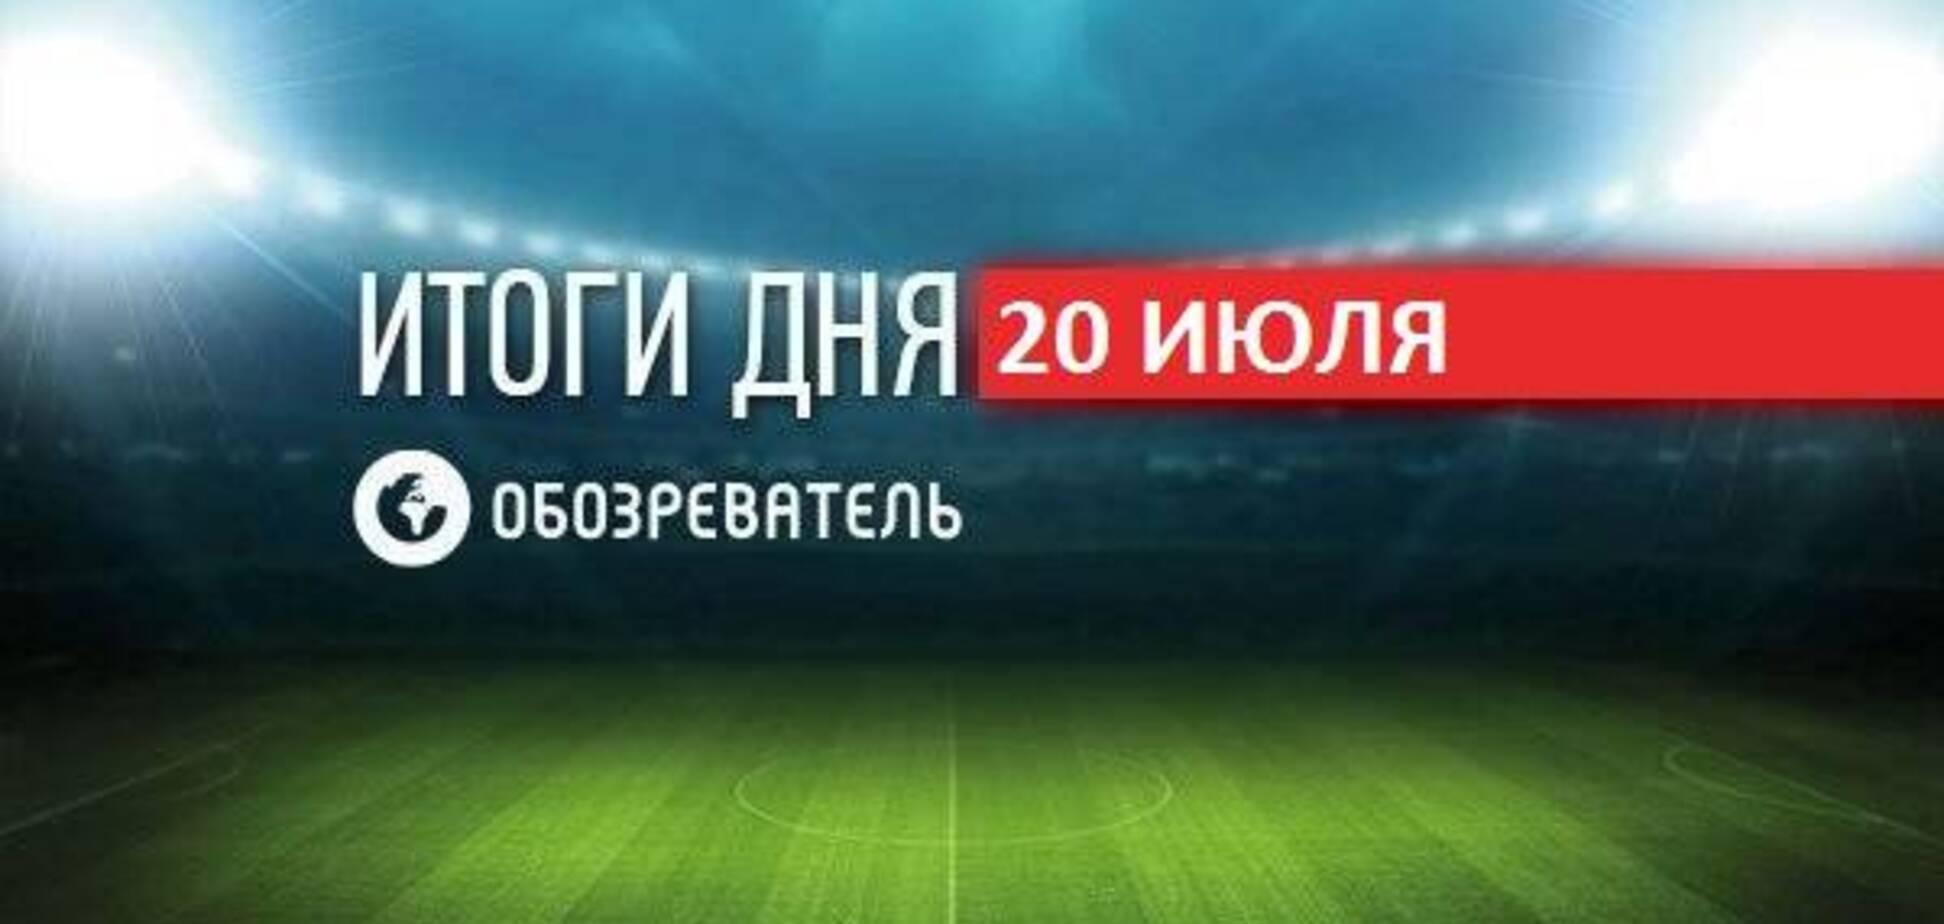 'Динамо' оголосило про відставку Михайличенка: спортивні підсумки 20 липня